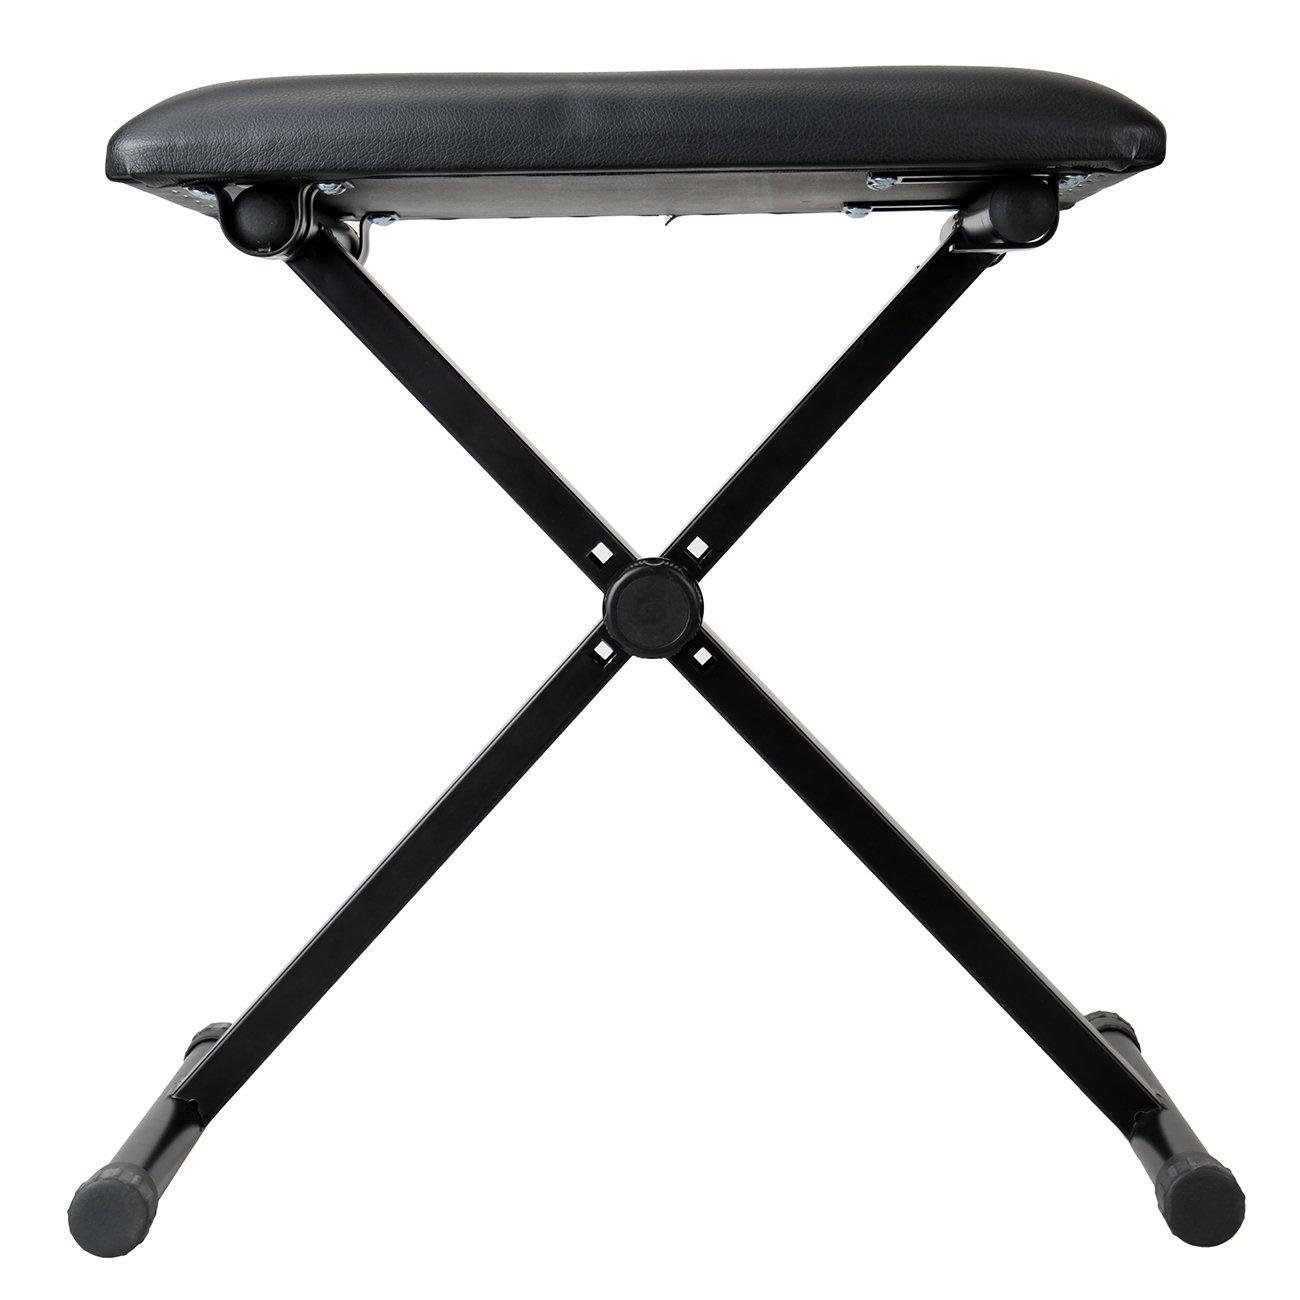 colore Paneltech sedile pieghevole tastiera in pelle imbottita per pianoforte Nero regolabile gomma piedi sgabello pieghevole